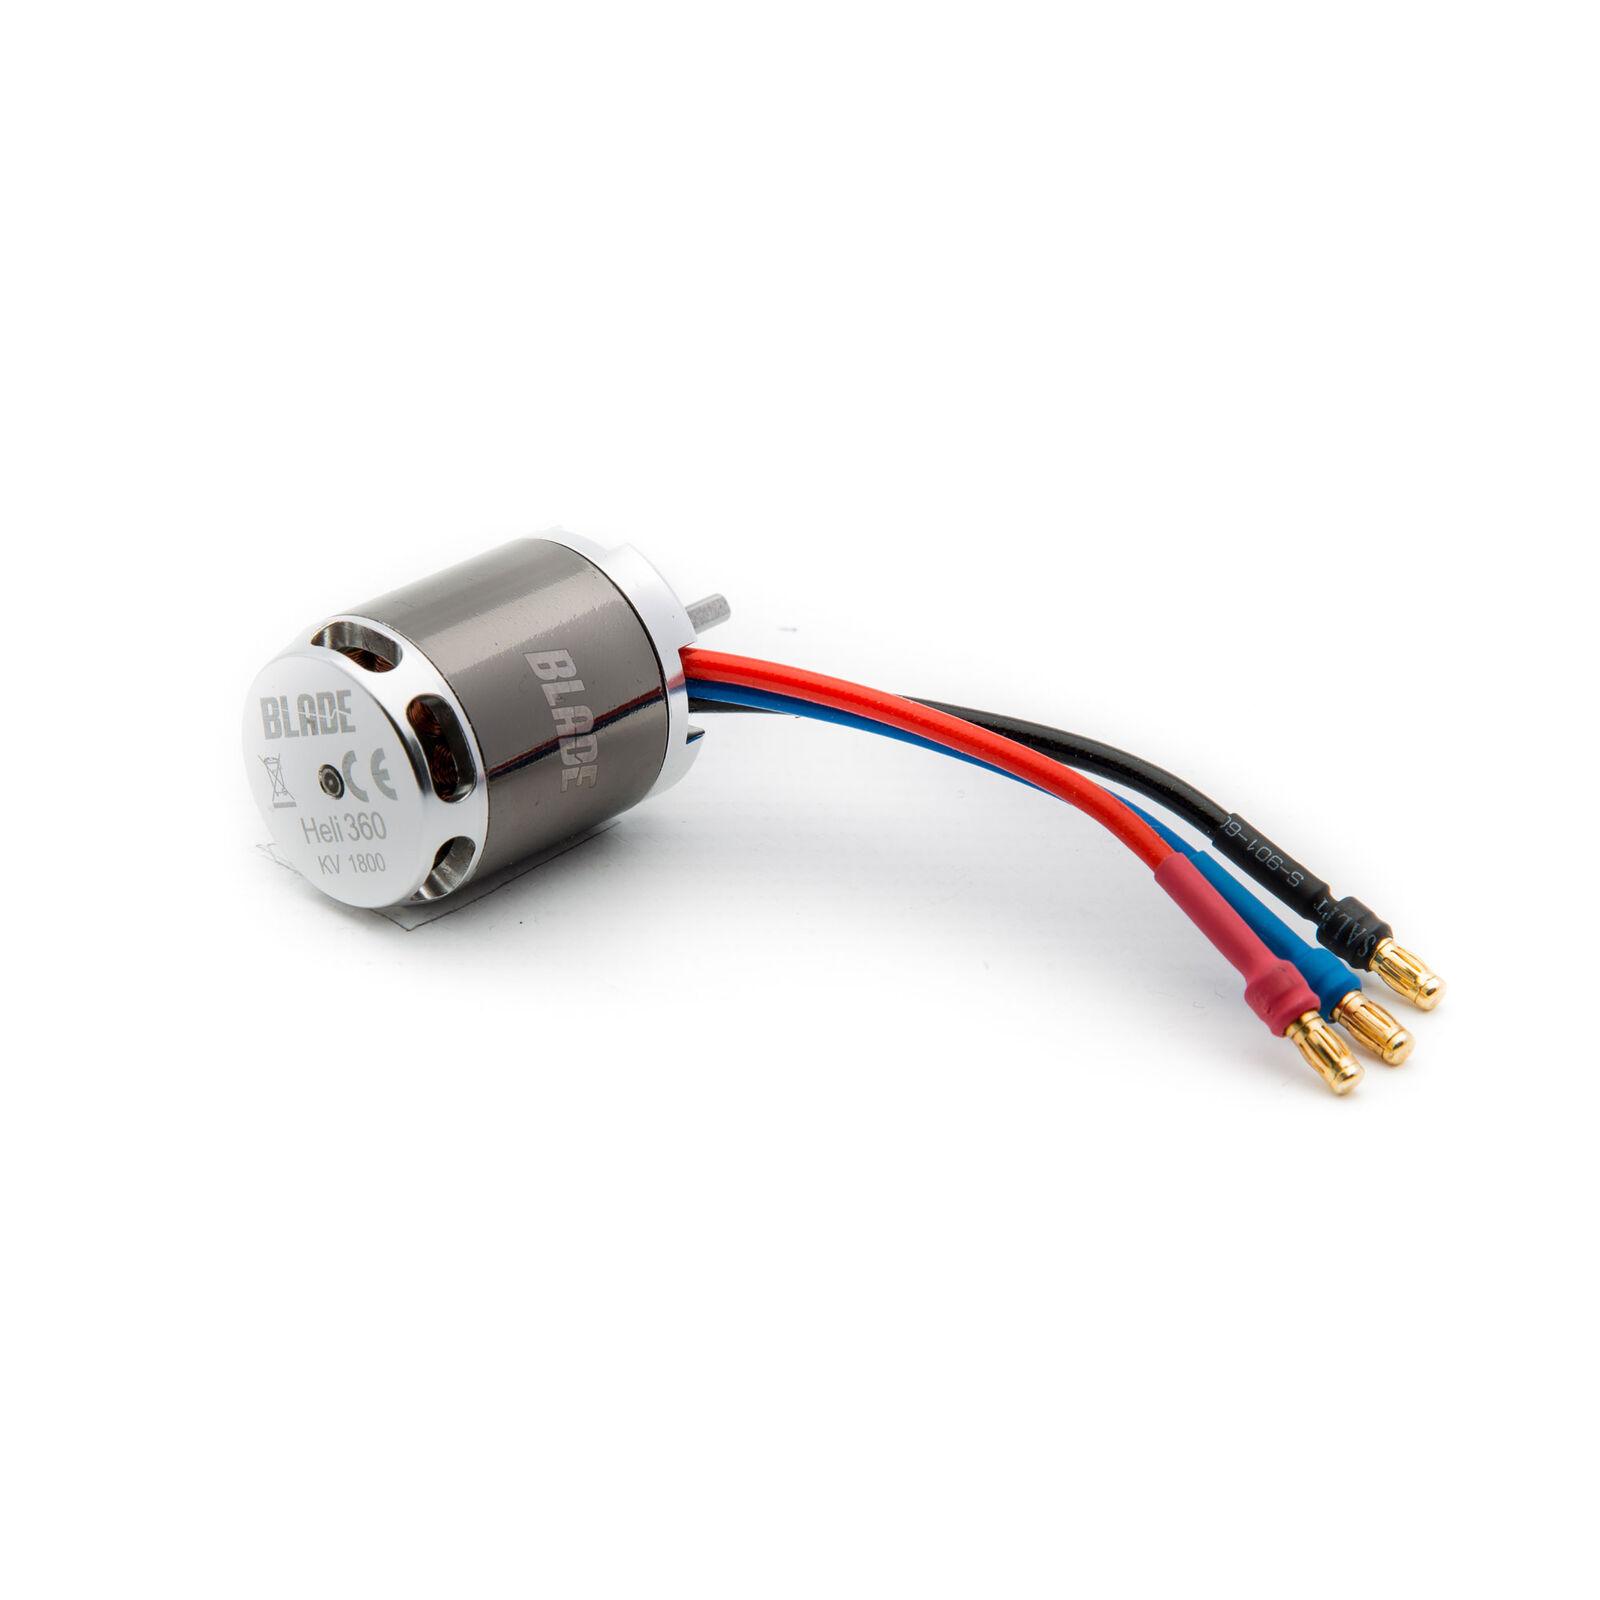 Brushless Out-Runner Motor, 1800Kv: 360 CFX